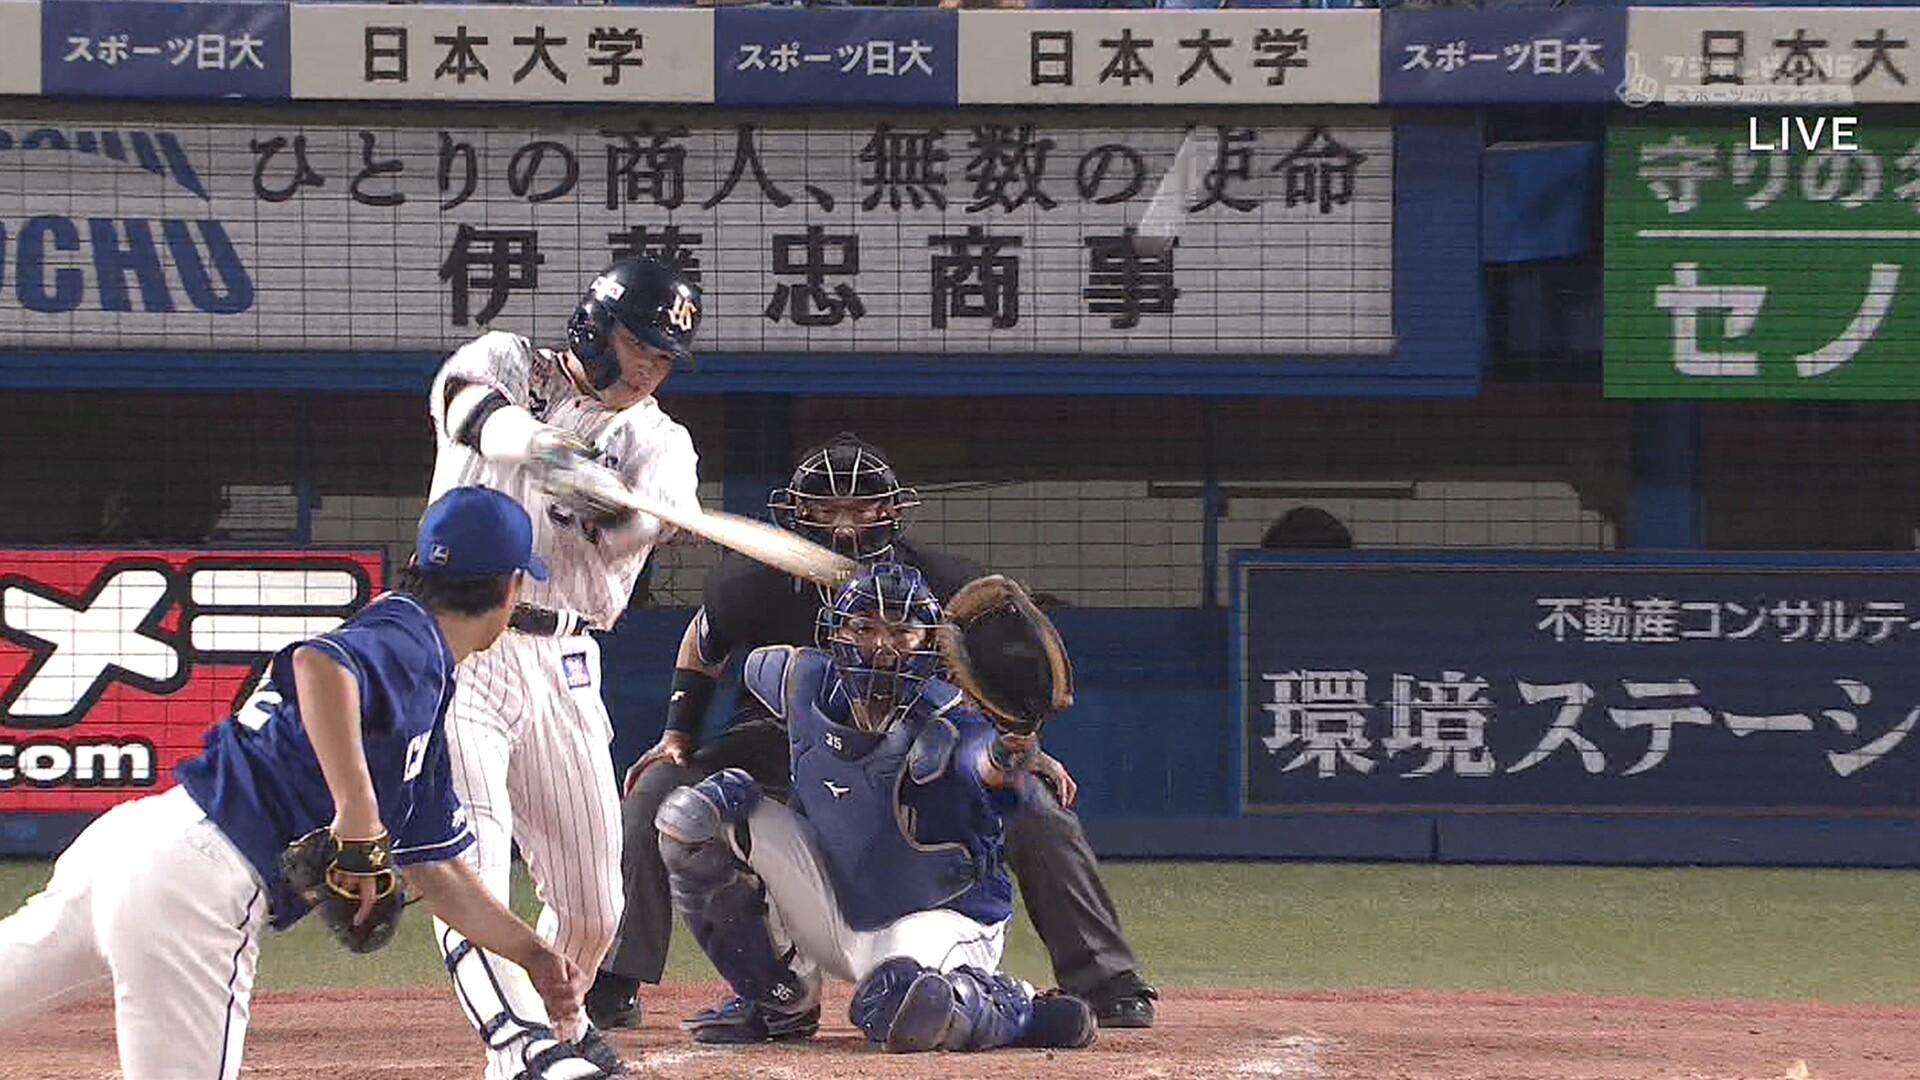 村上、岡本に並ぶ37号ホームラン! 打点王も射程圏に